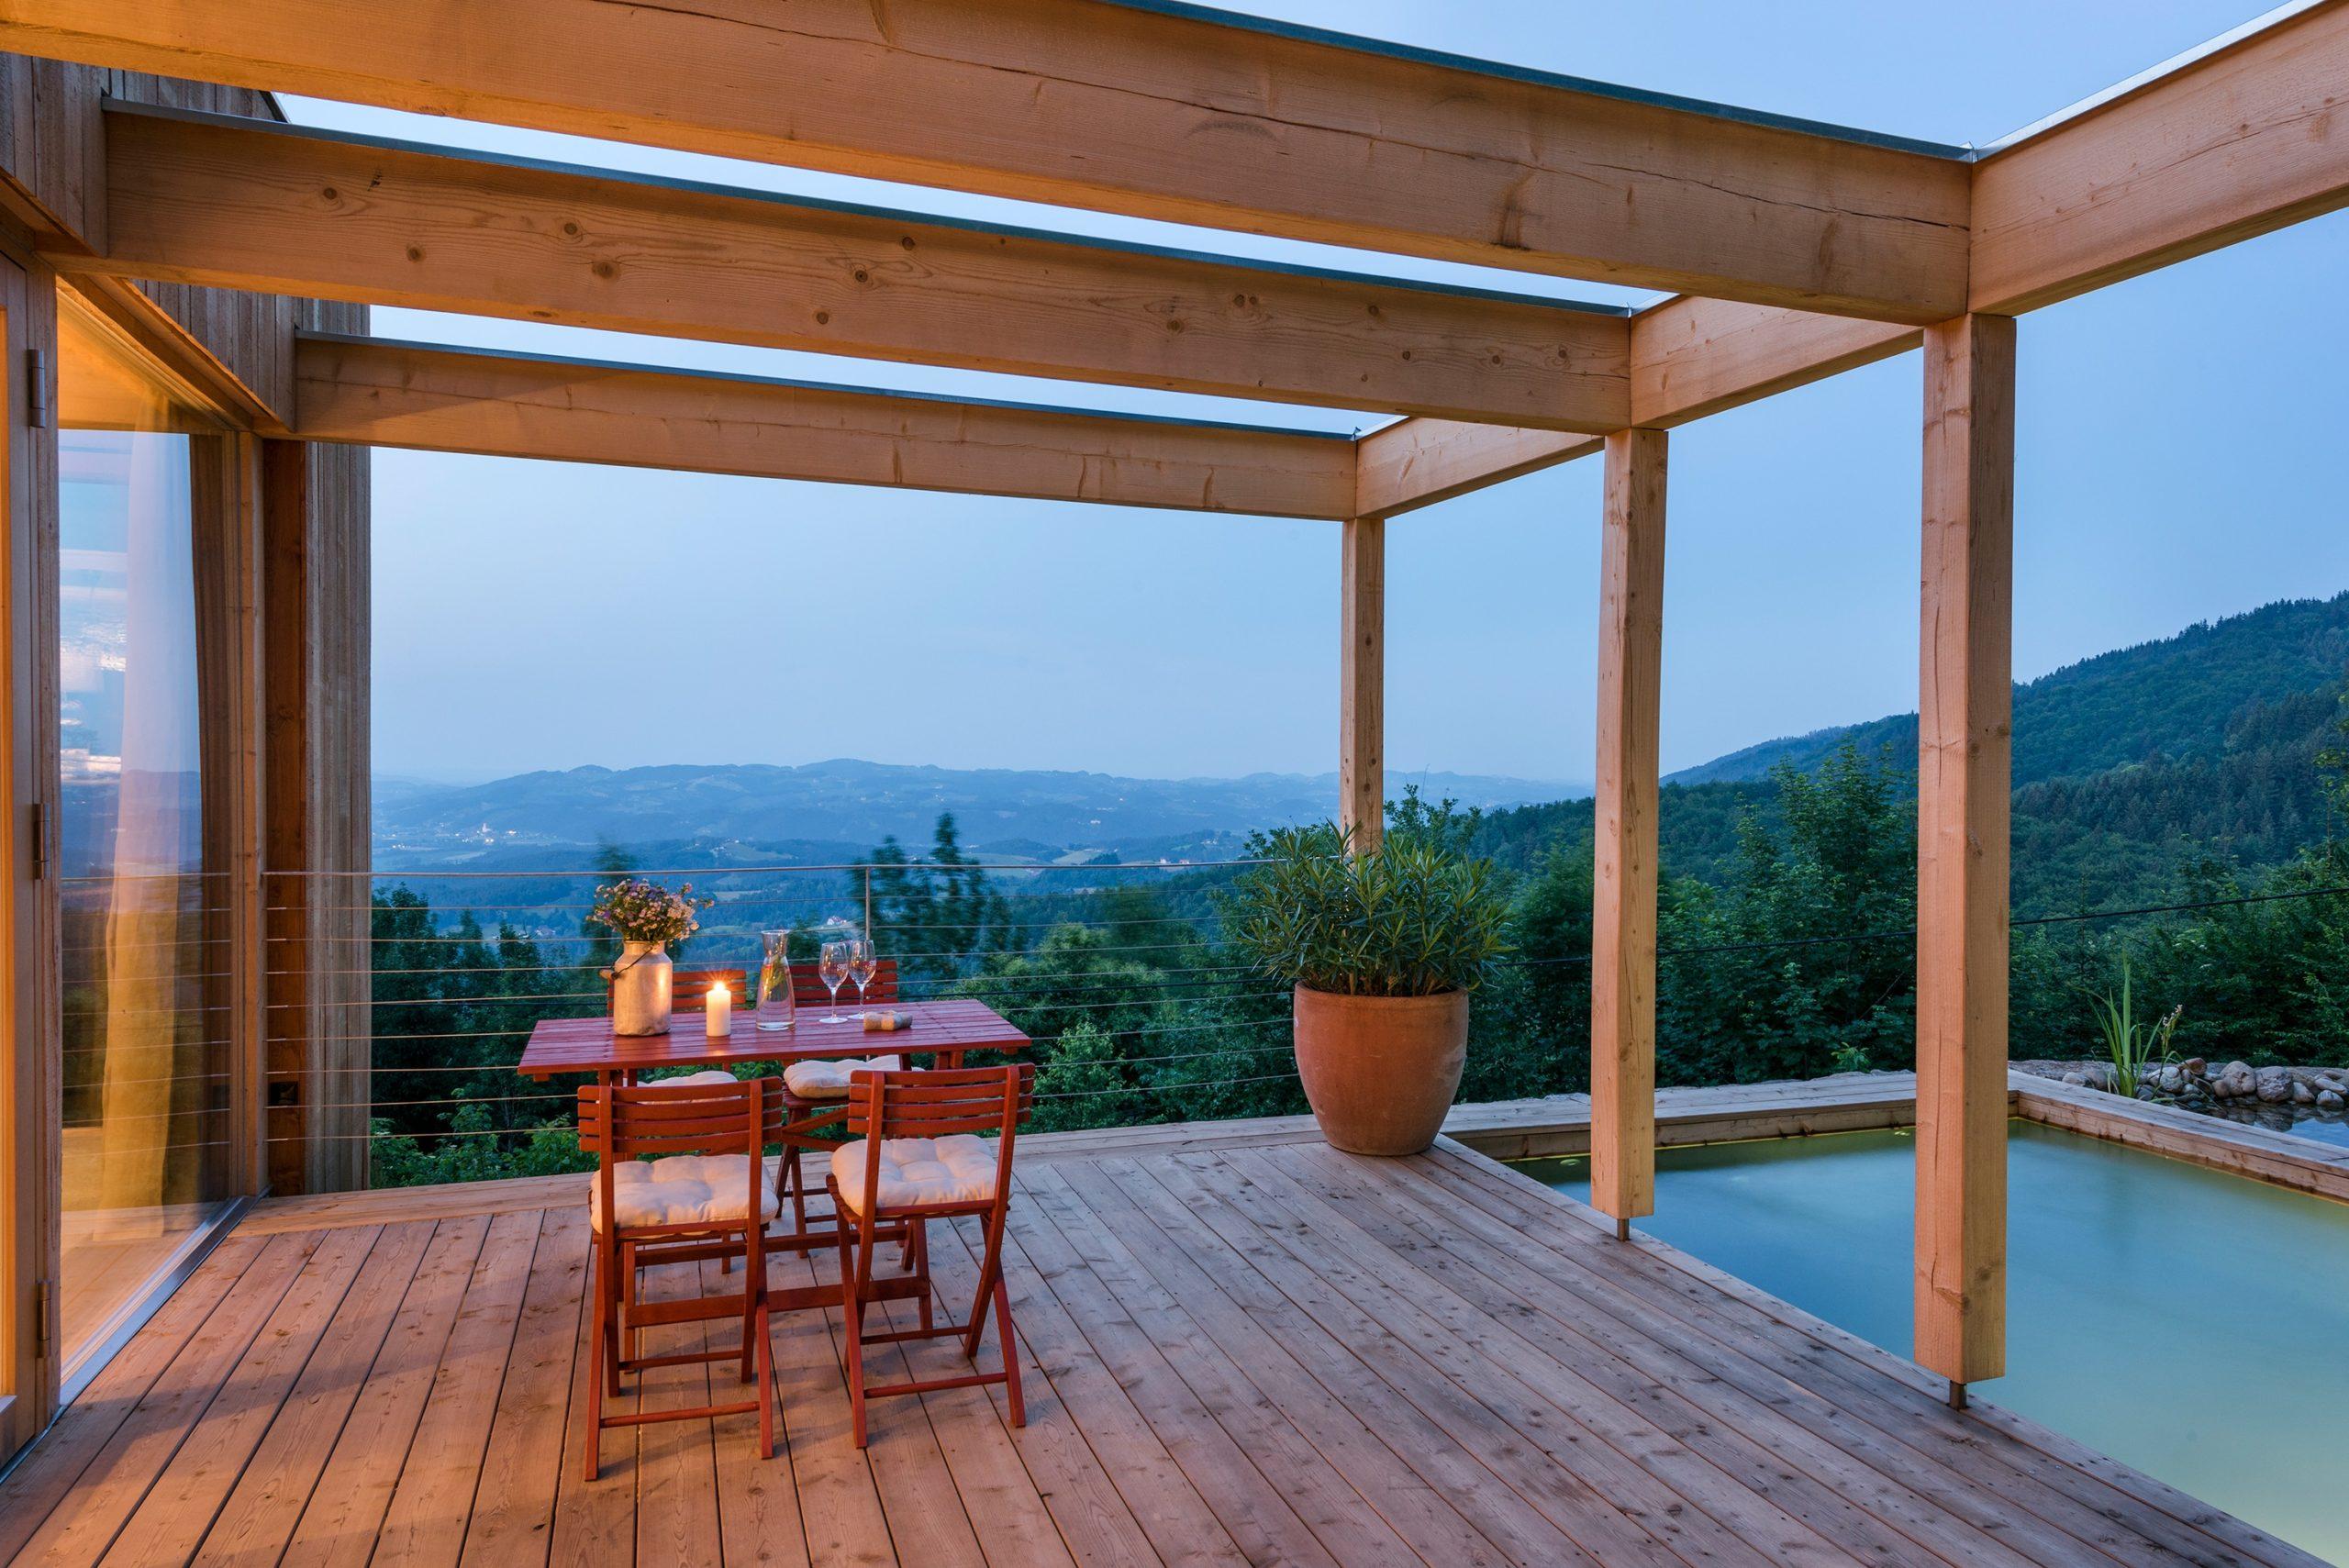 stadl-altenbach-aussen-nacht-terrasse